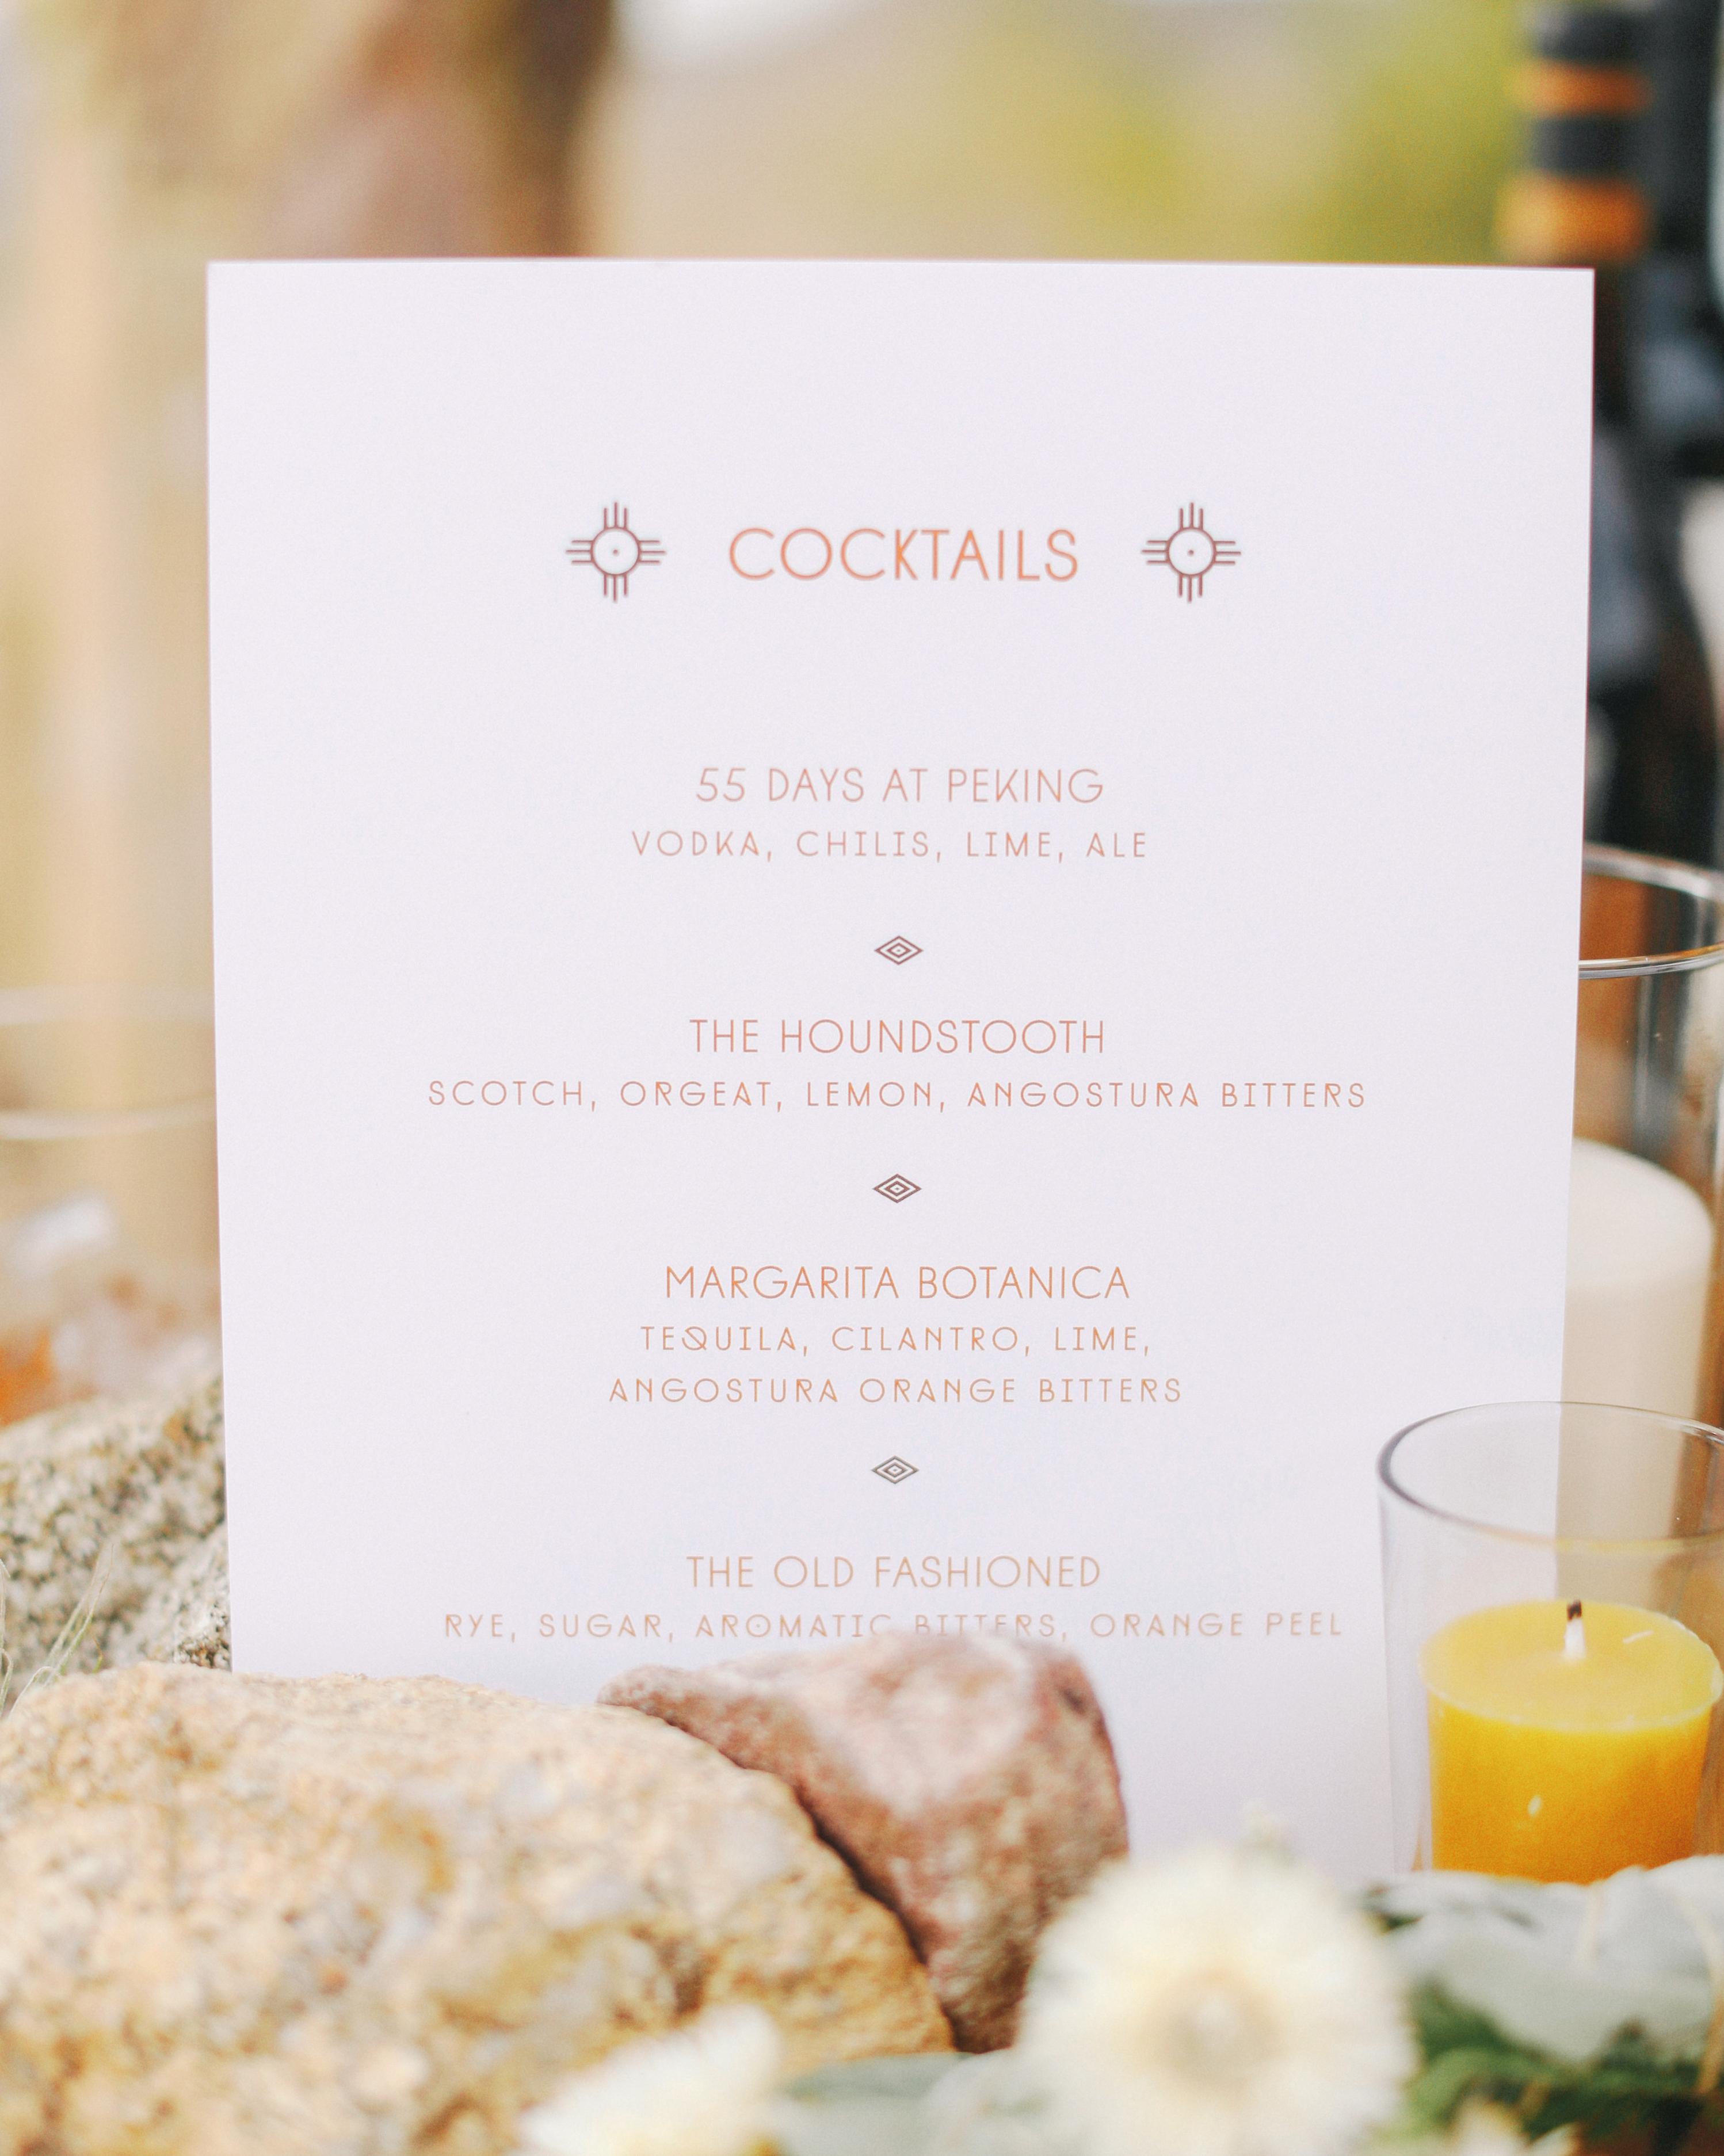 christen-billy-wedding-cocktails-164-011-s111597-1014.jpg